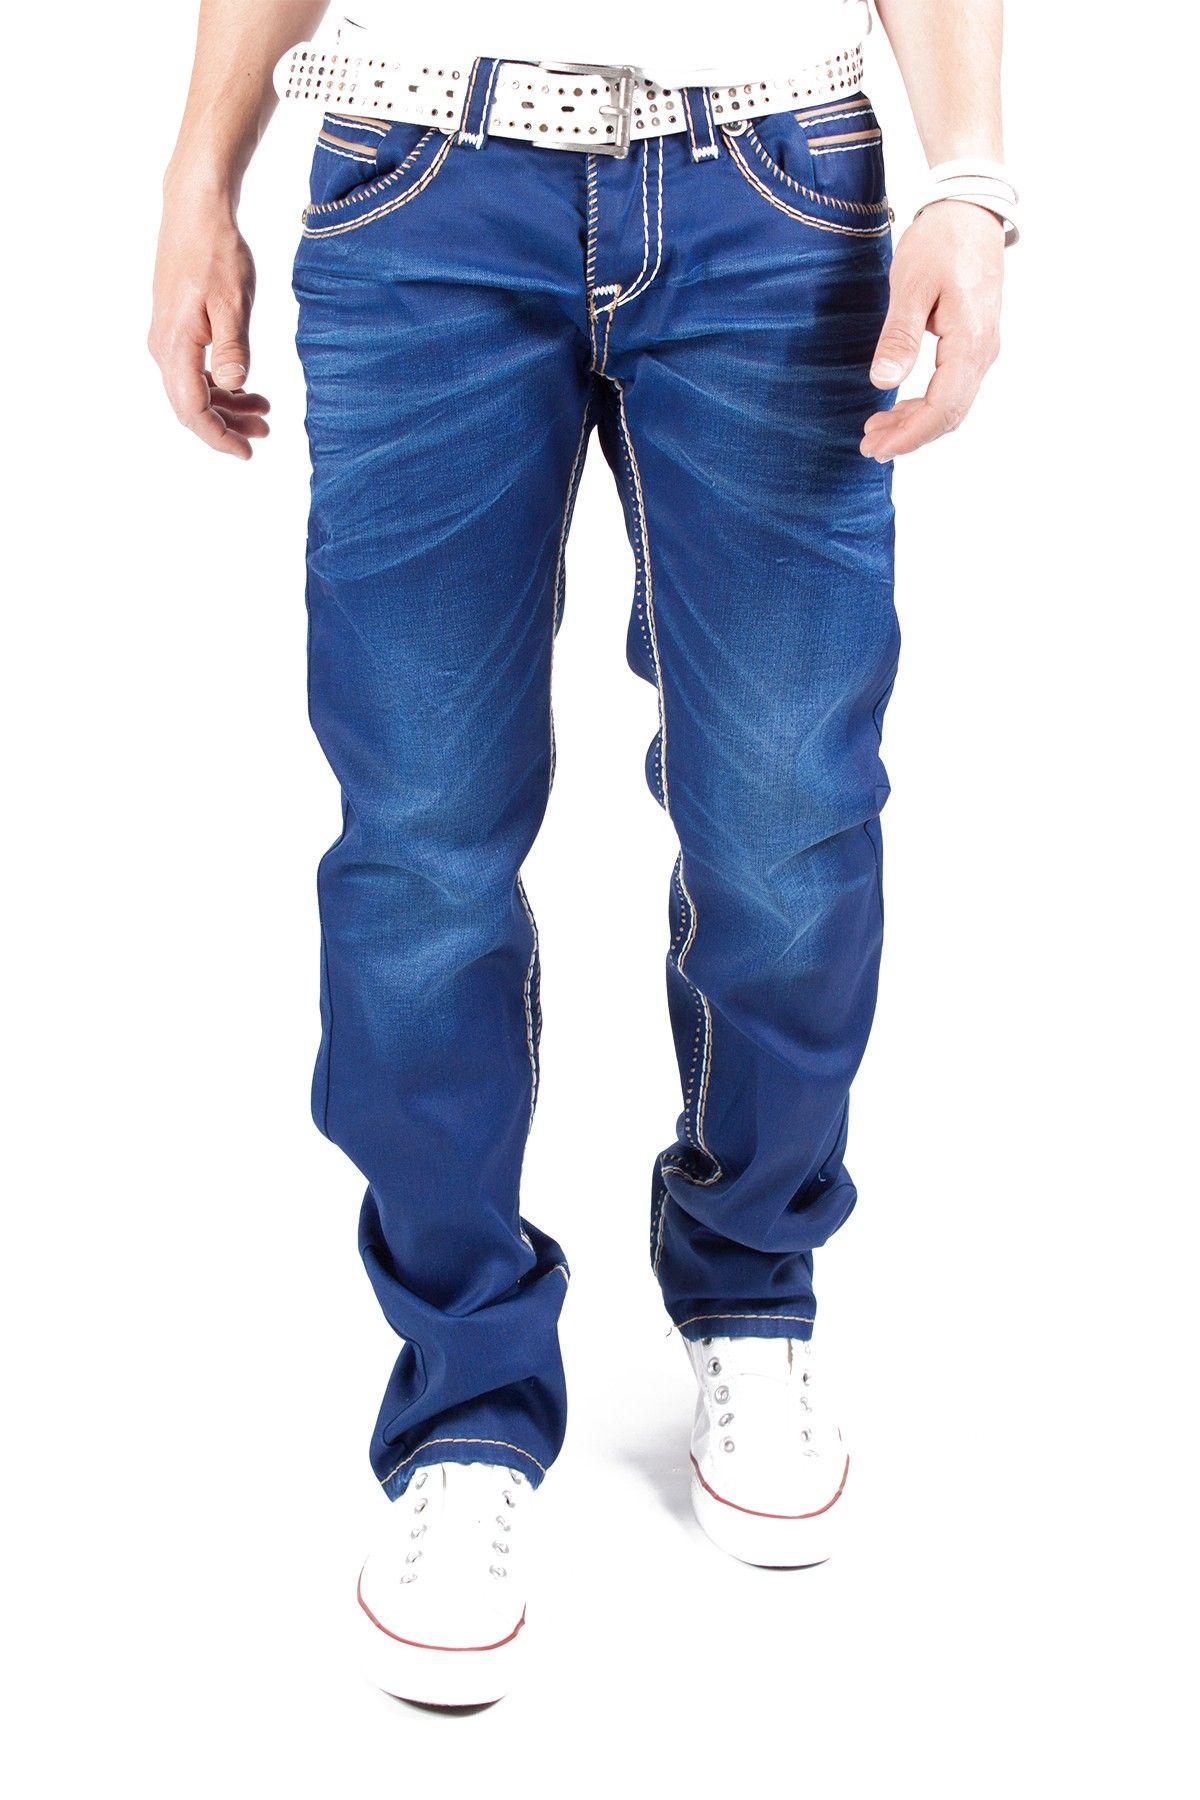 Pascucci Jeans Regular Fit Paula4 1S1H.DE - www.1s1h.de/pascucci-jeans-regular-fit-paula4.html